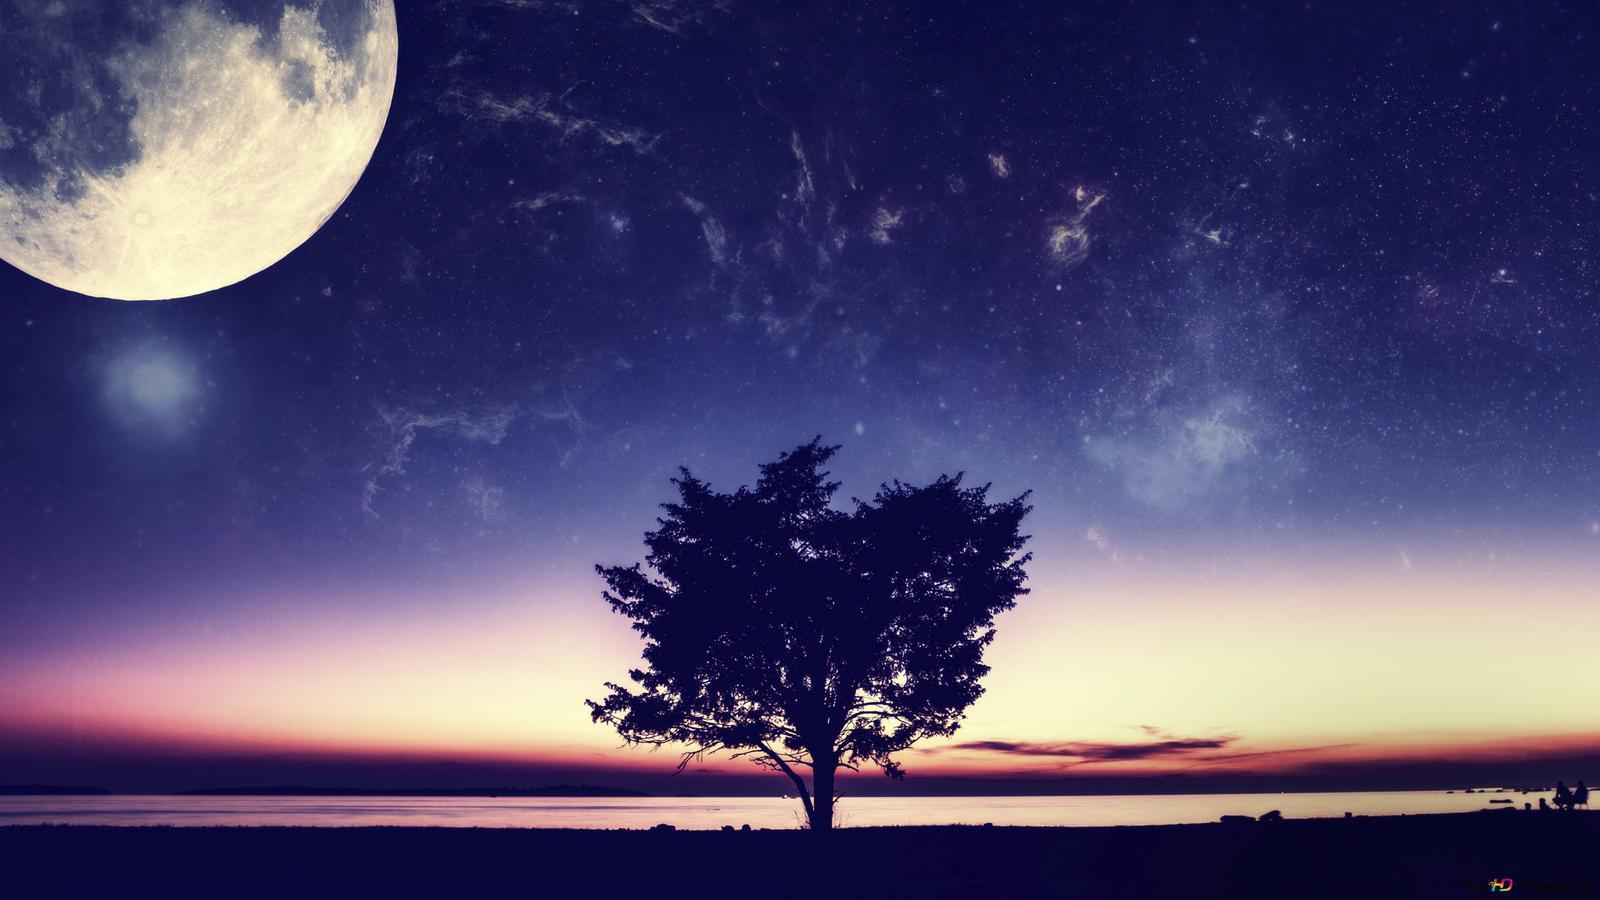 満月の日4k Hd壁紙のダウンロード